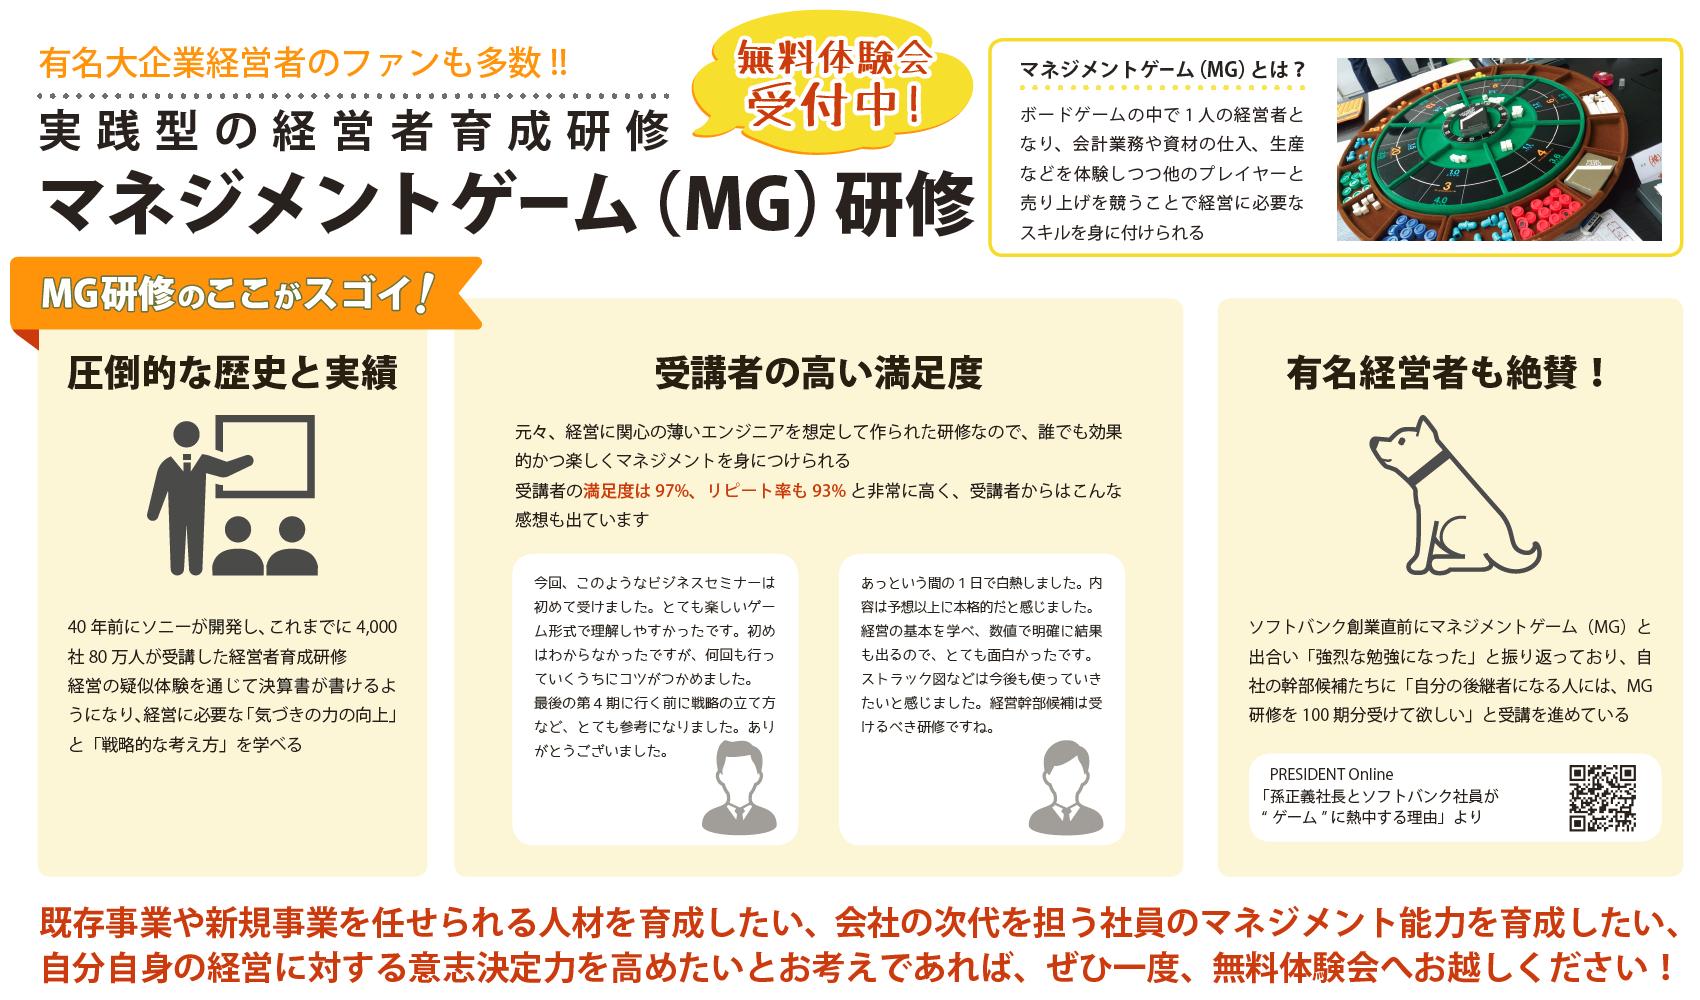 マネジメントゲームMG研修